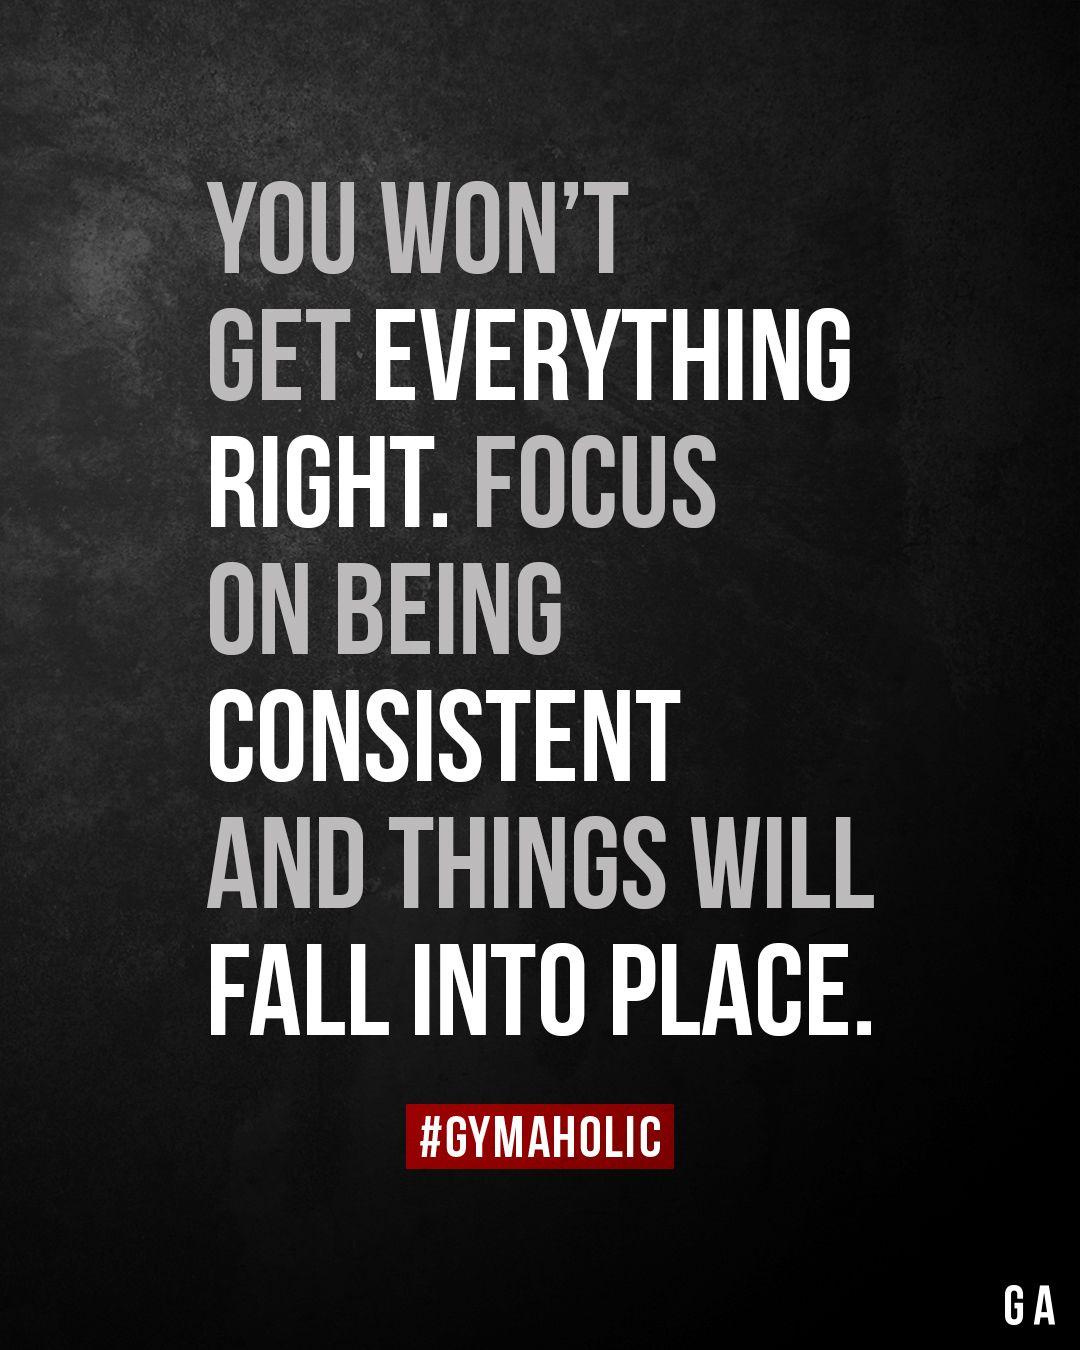 Photo of Sie werden nicht alles richtig machen. Konzentrieren Sie sich darauf, konsequent zu sein, und die Dinge werden zusammenpassen.